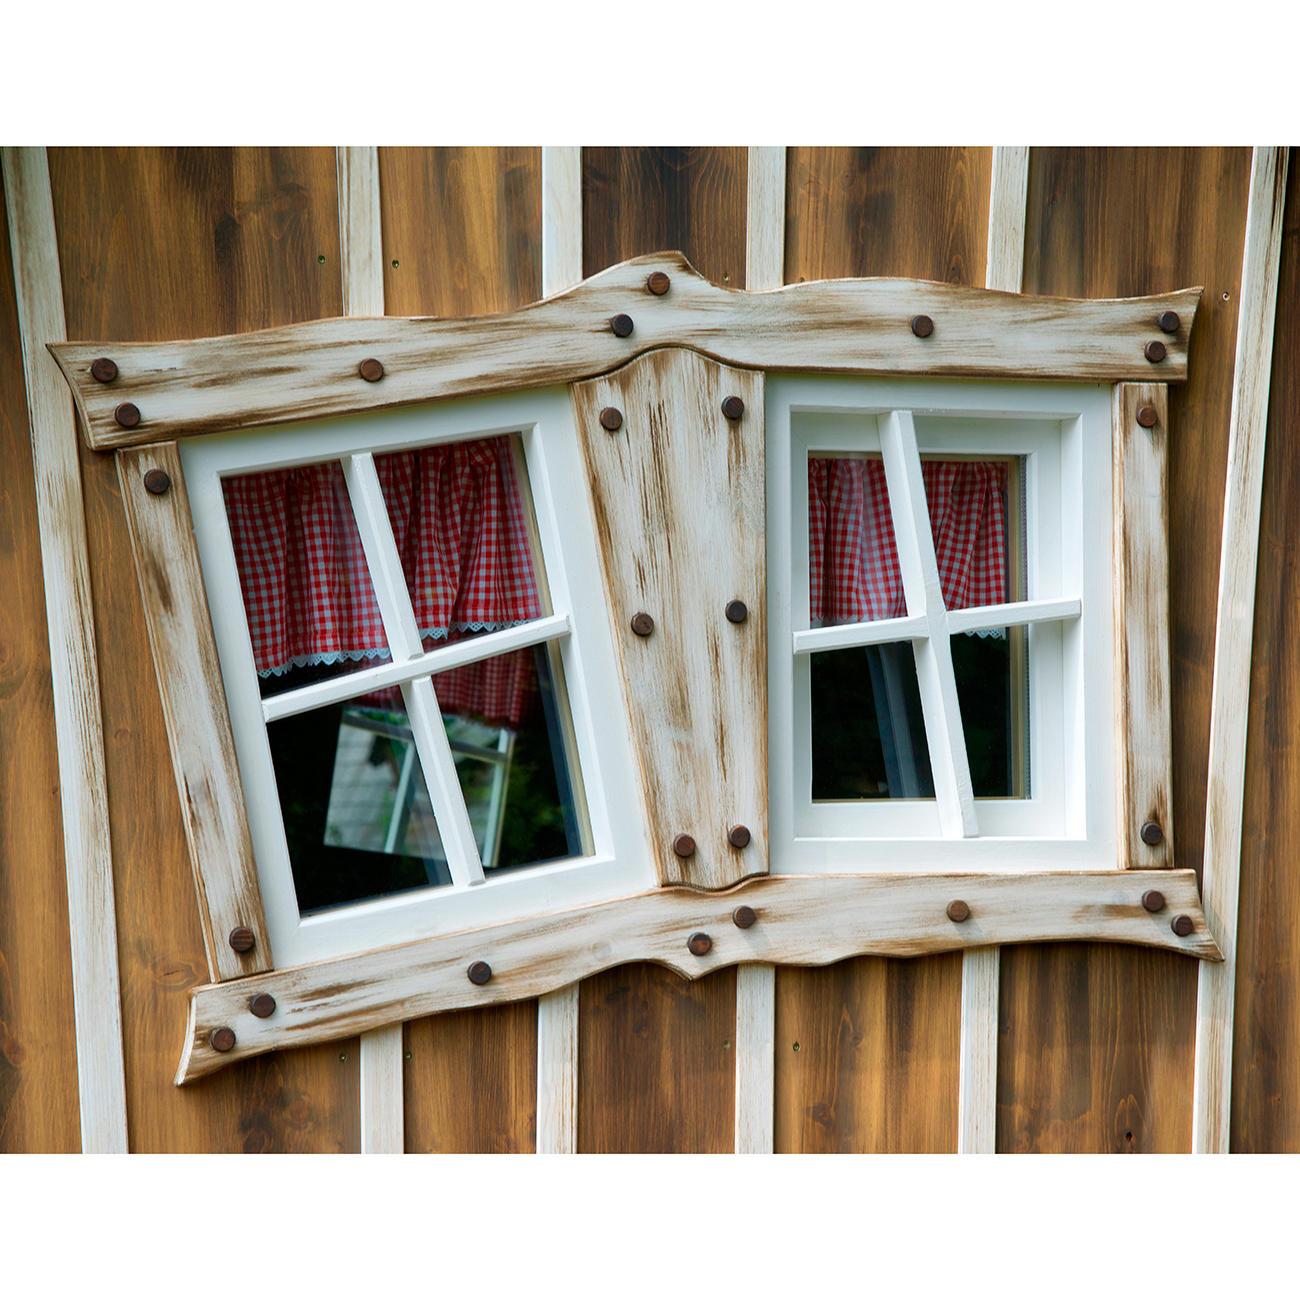 Hexenhäuschen Gartenhaus märchenhaftes gartenhaus schlüsselfertig kaufen